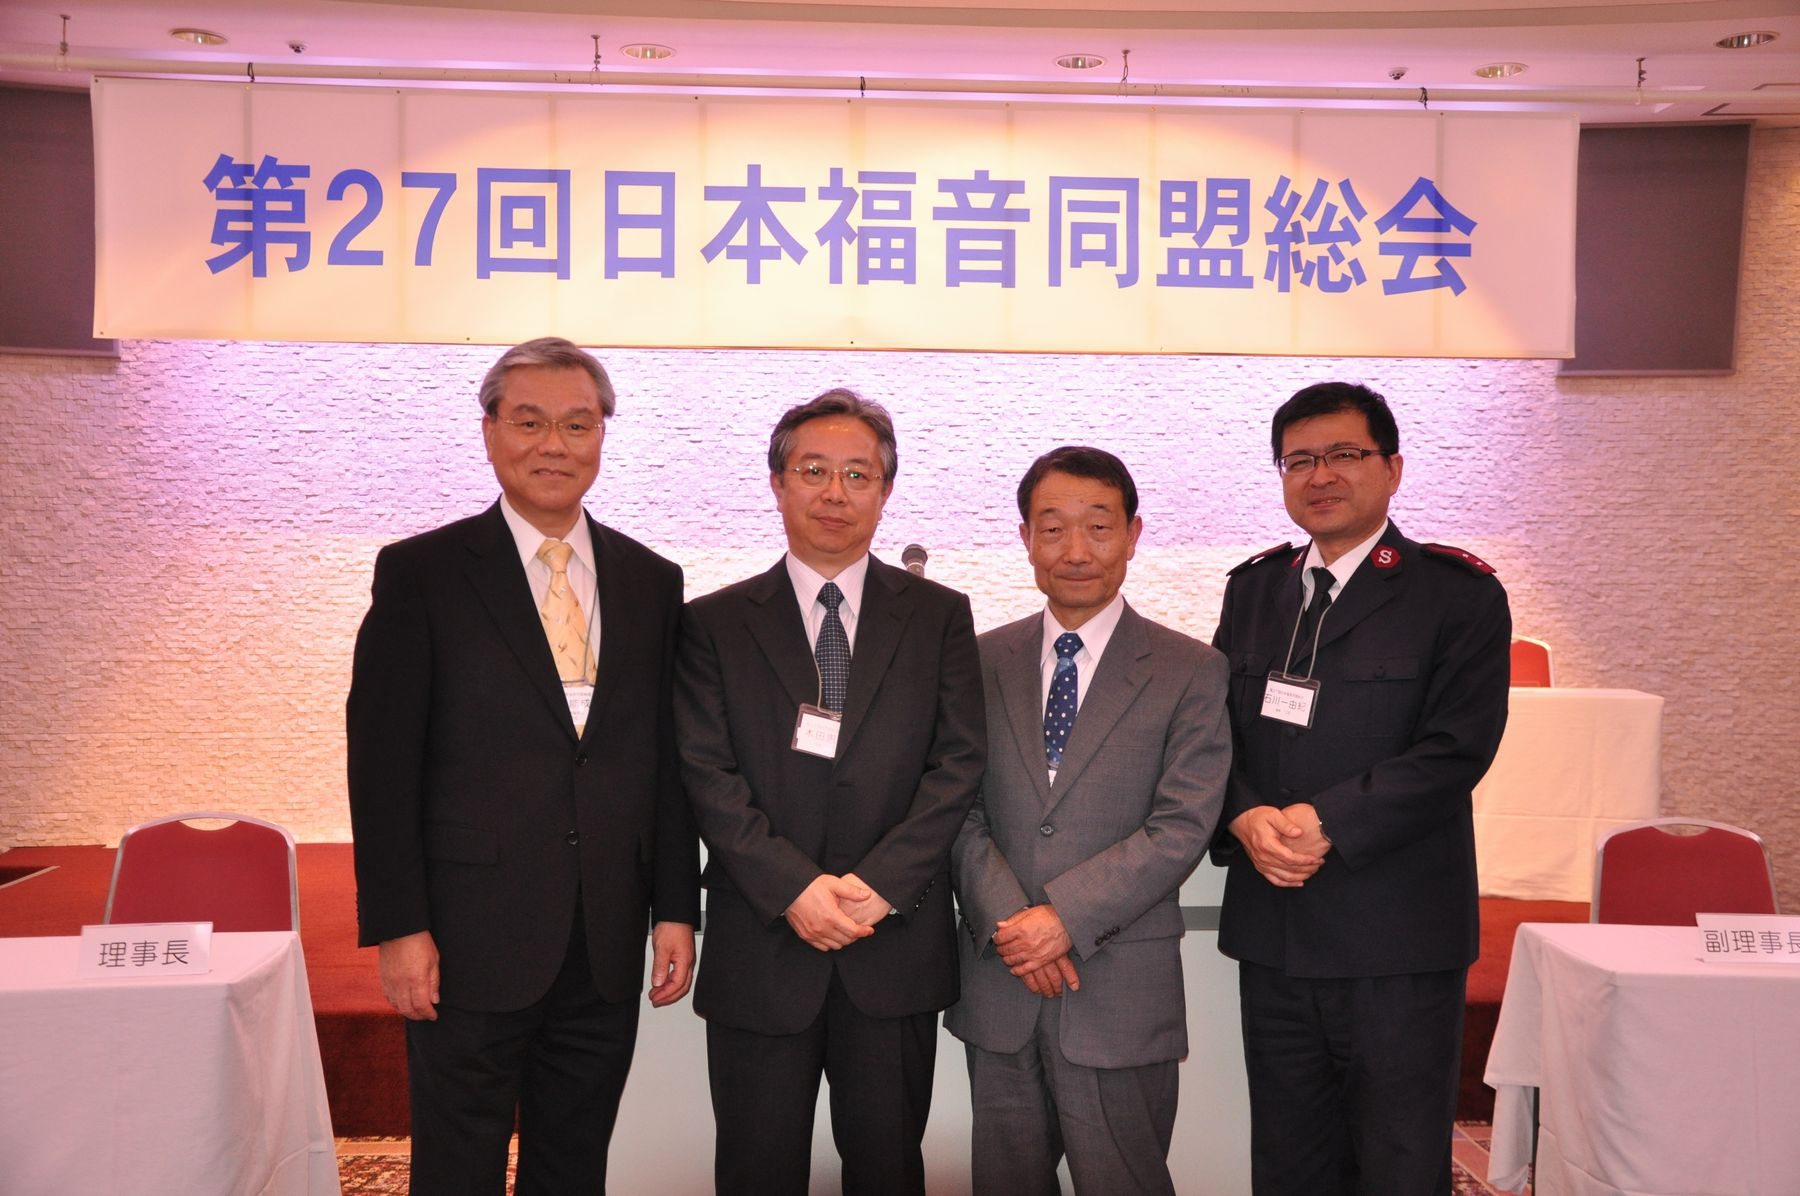 第27回日本福音同盟(JEA)総会が開催されました